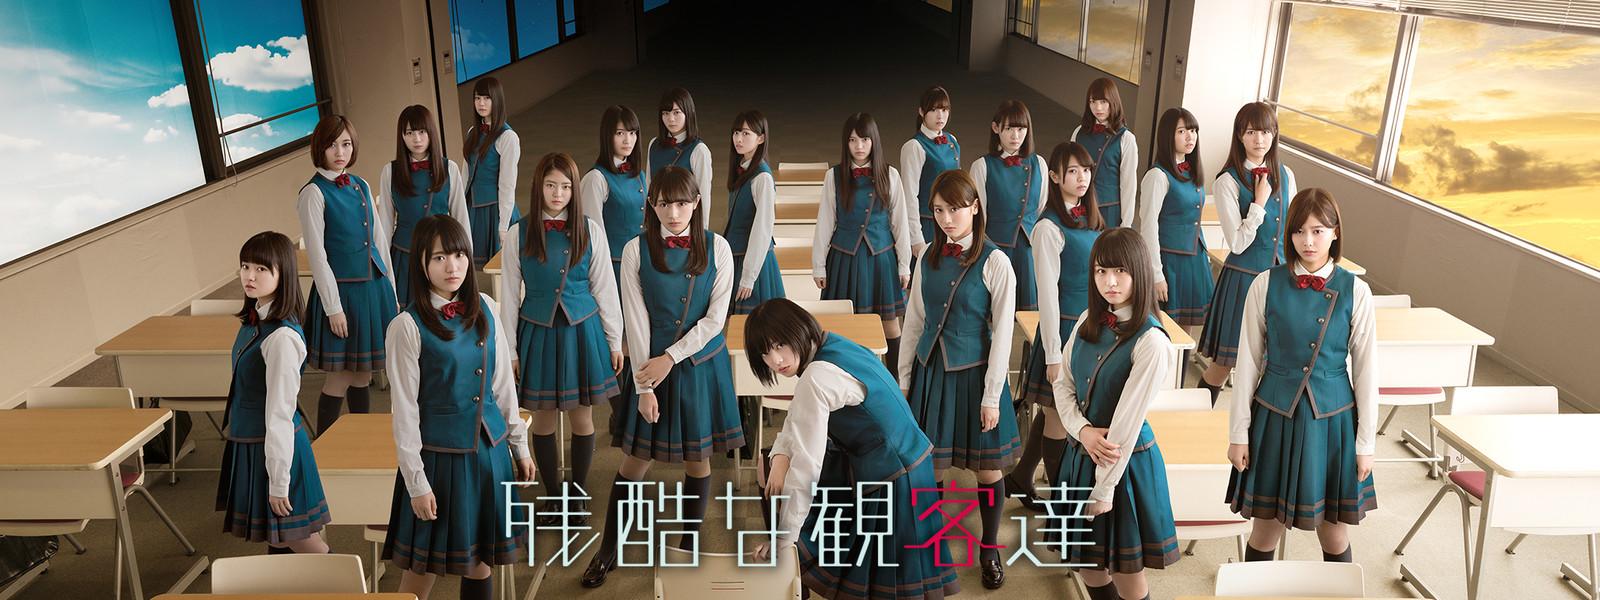 残酷な観客達 欅坂46メンバーが出演する学園ミステリードラマ